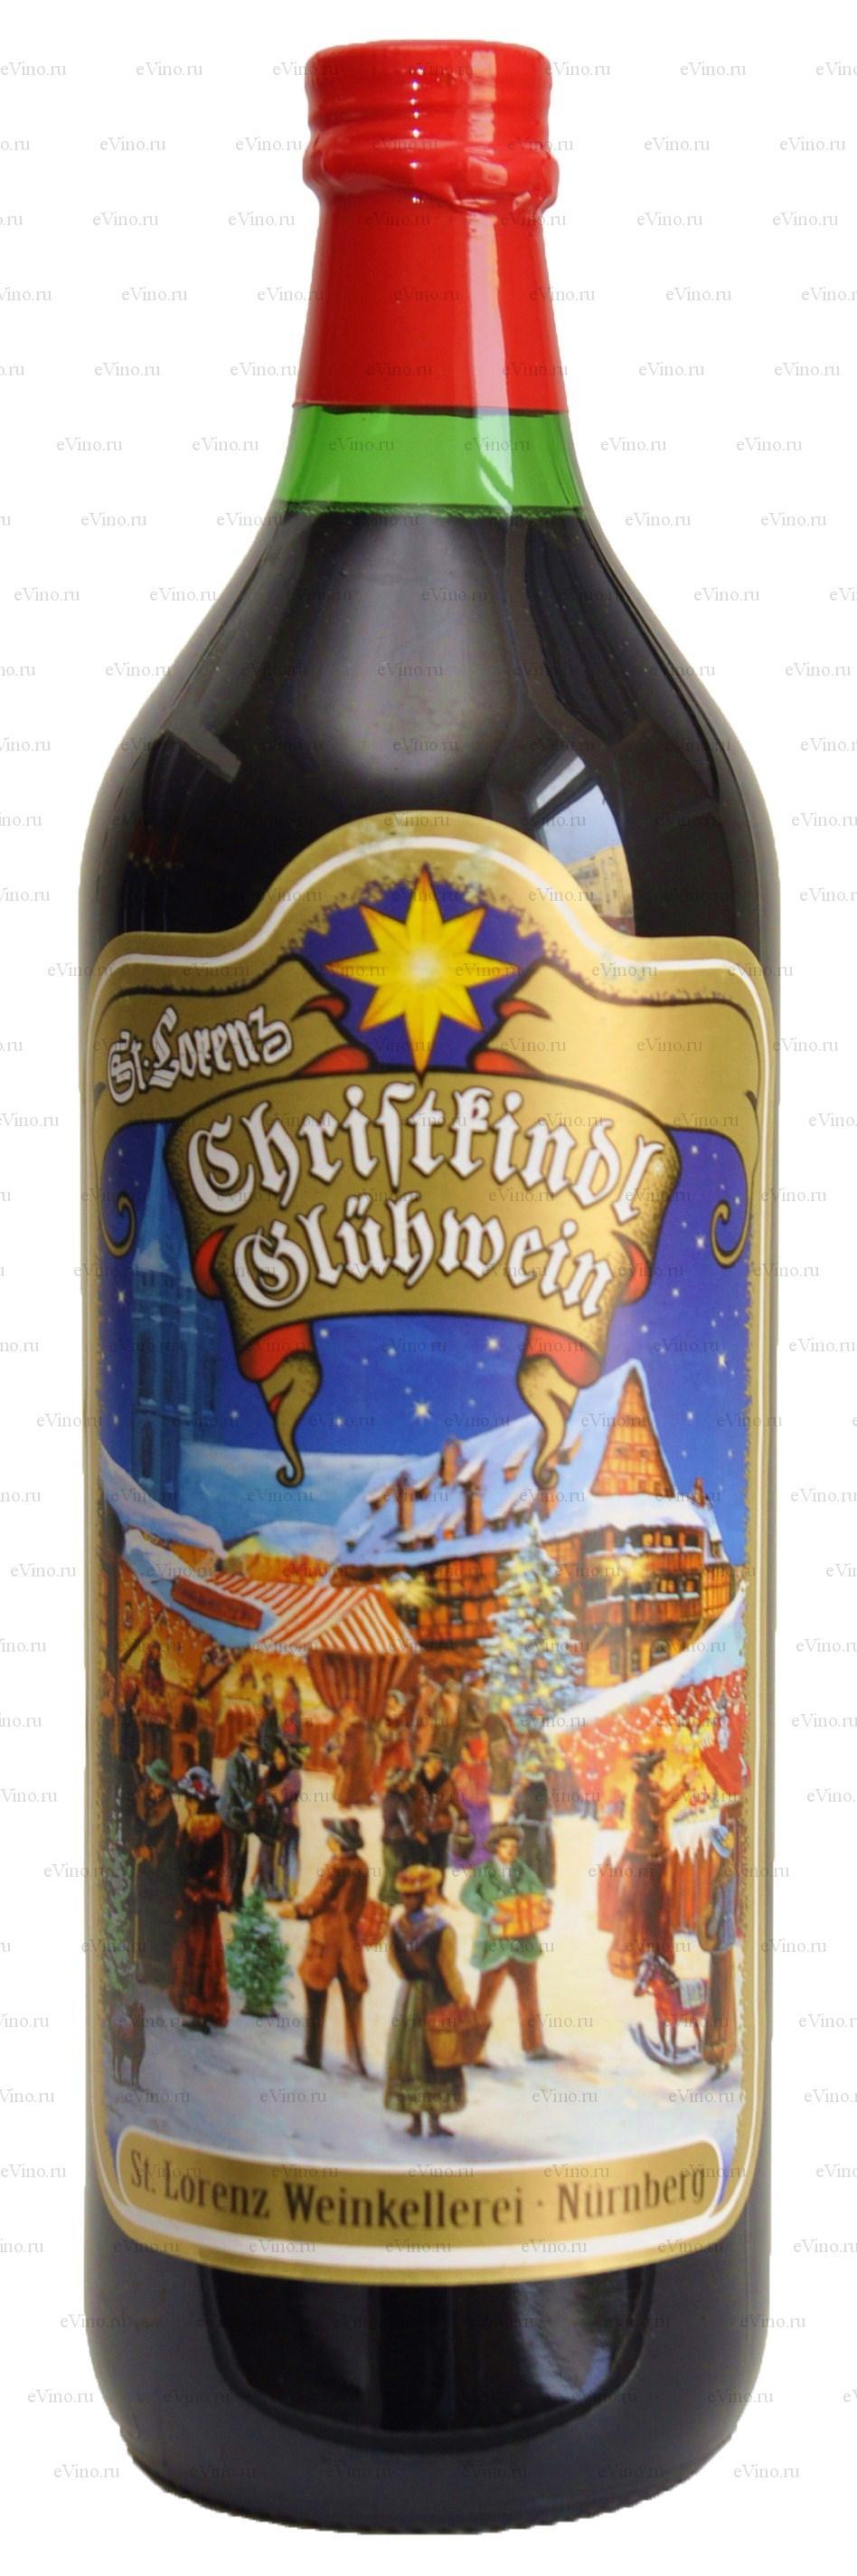 Glintwein 1 Litr